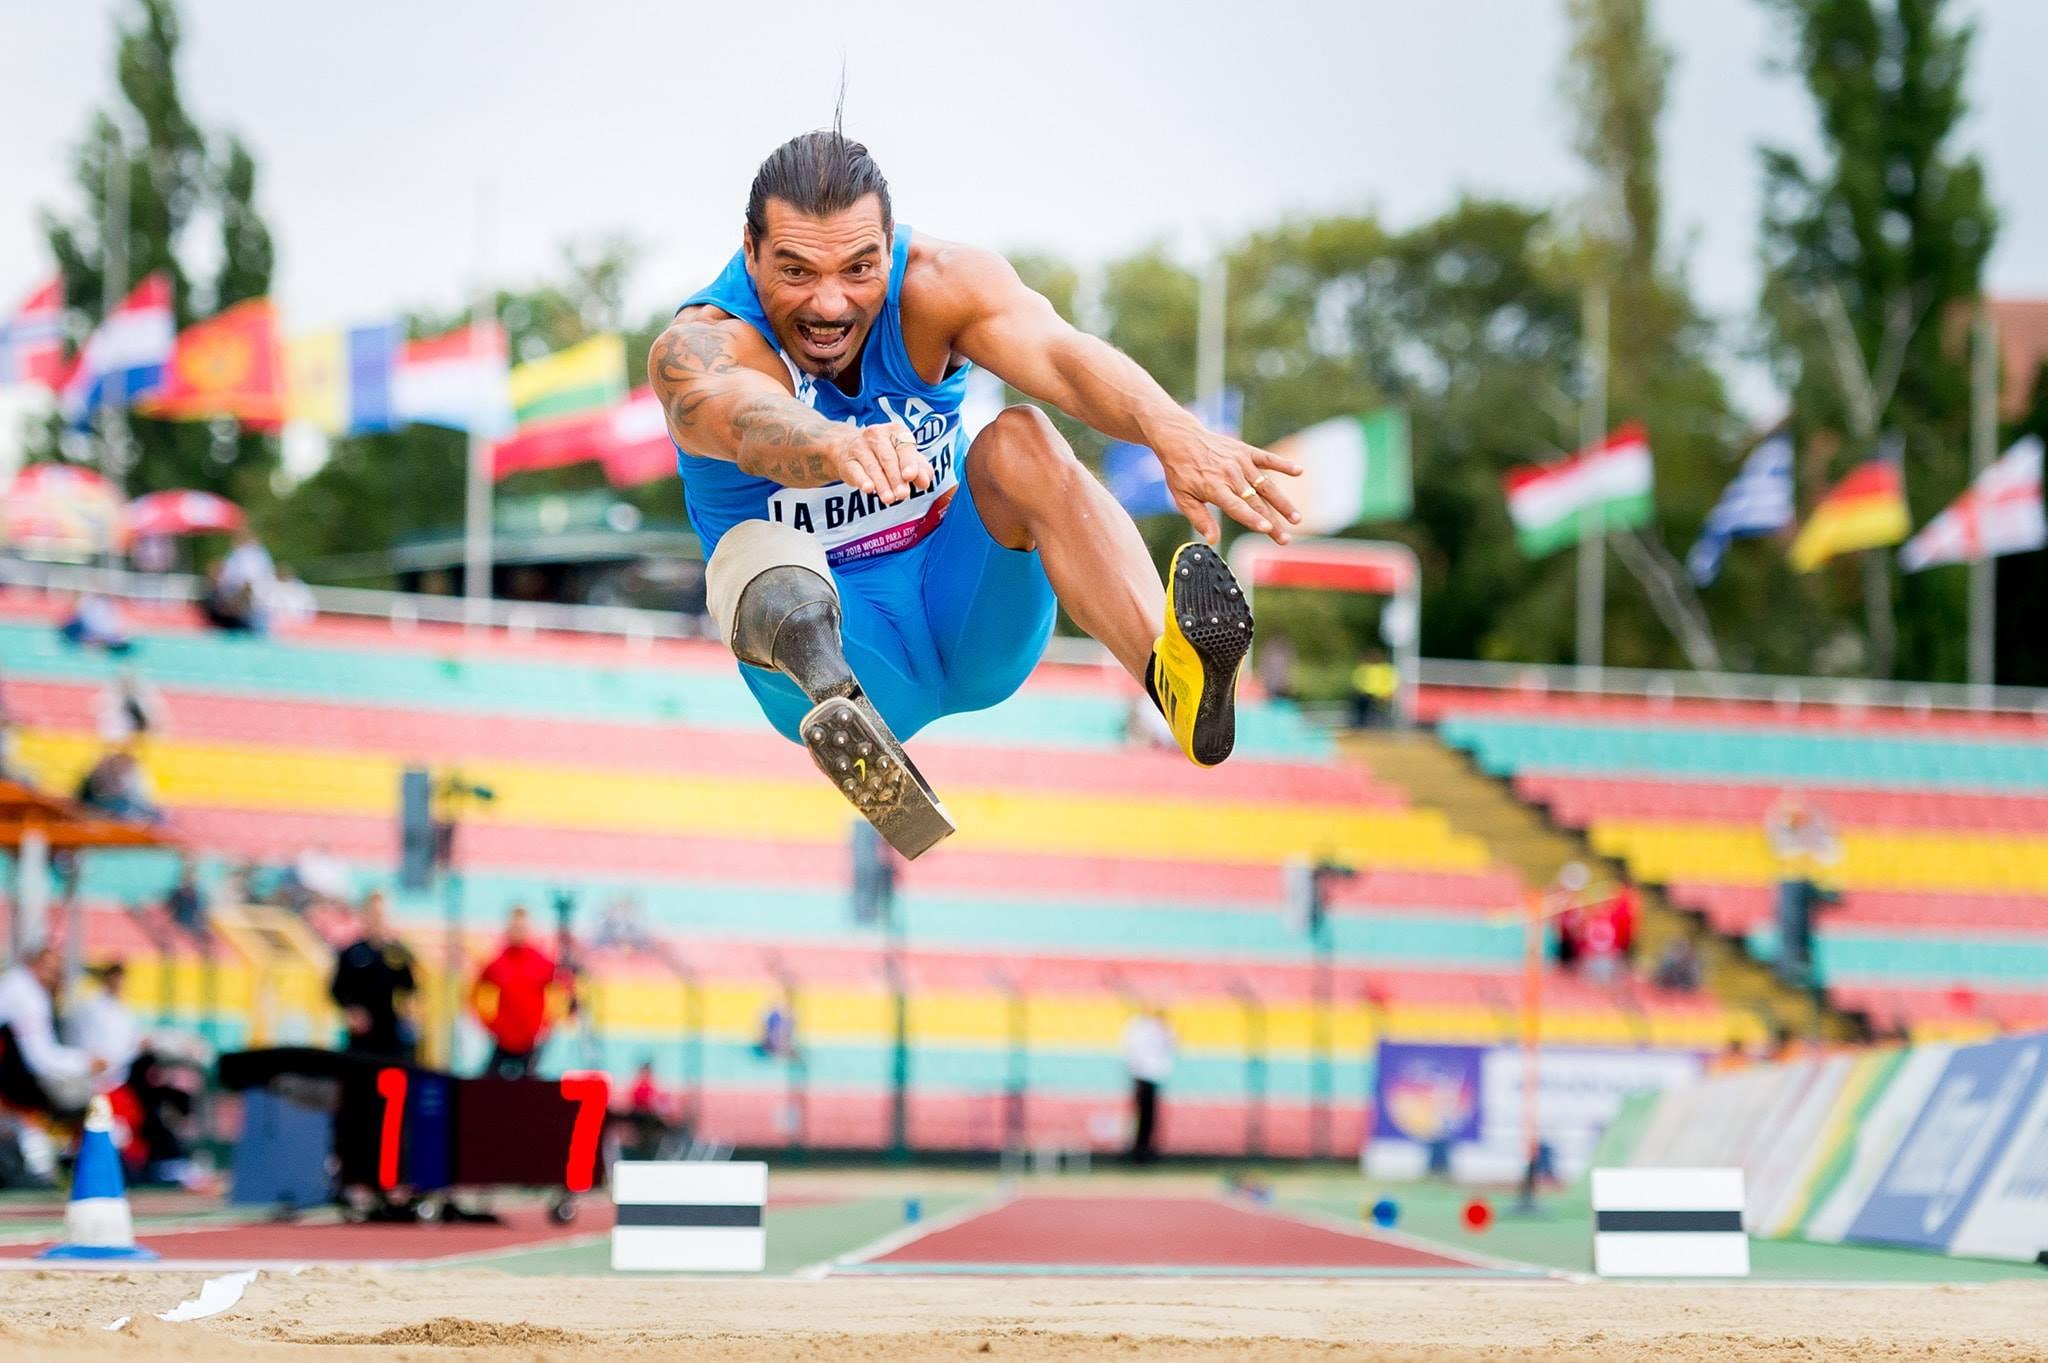 Photo of Salto in lungo, l'impresa del paralimpico La Barbera ai Mondiali per normodotati